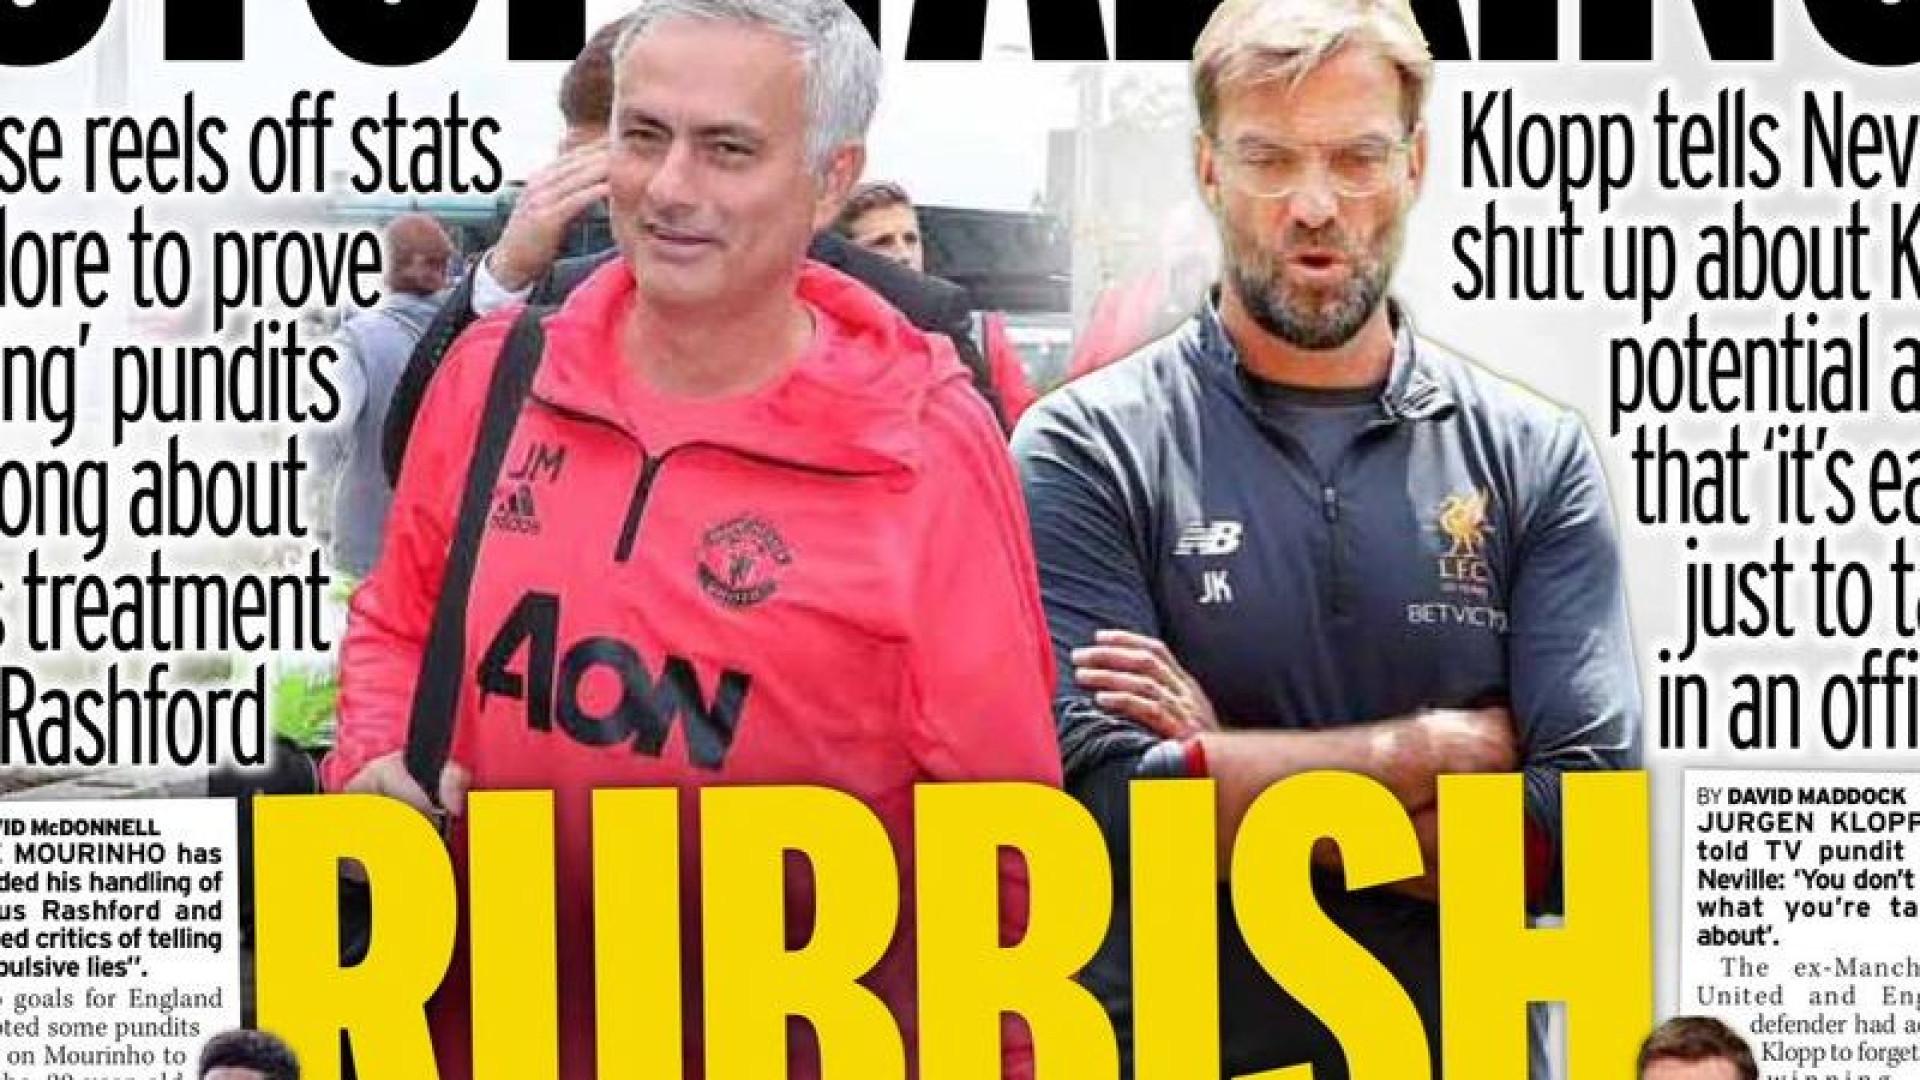 """Lá fora: O 'super sábado' e a resposta de Mourinho aos """"obcecados"""""""